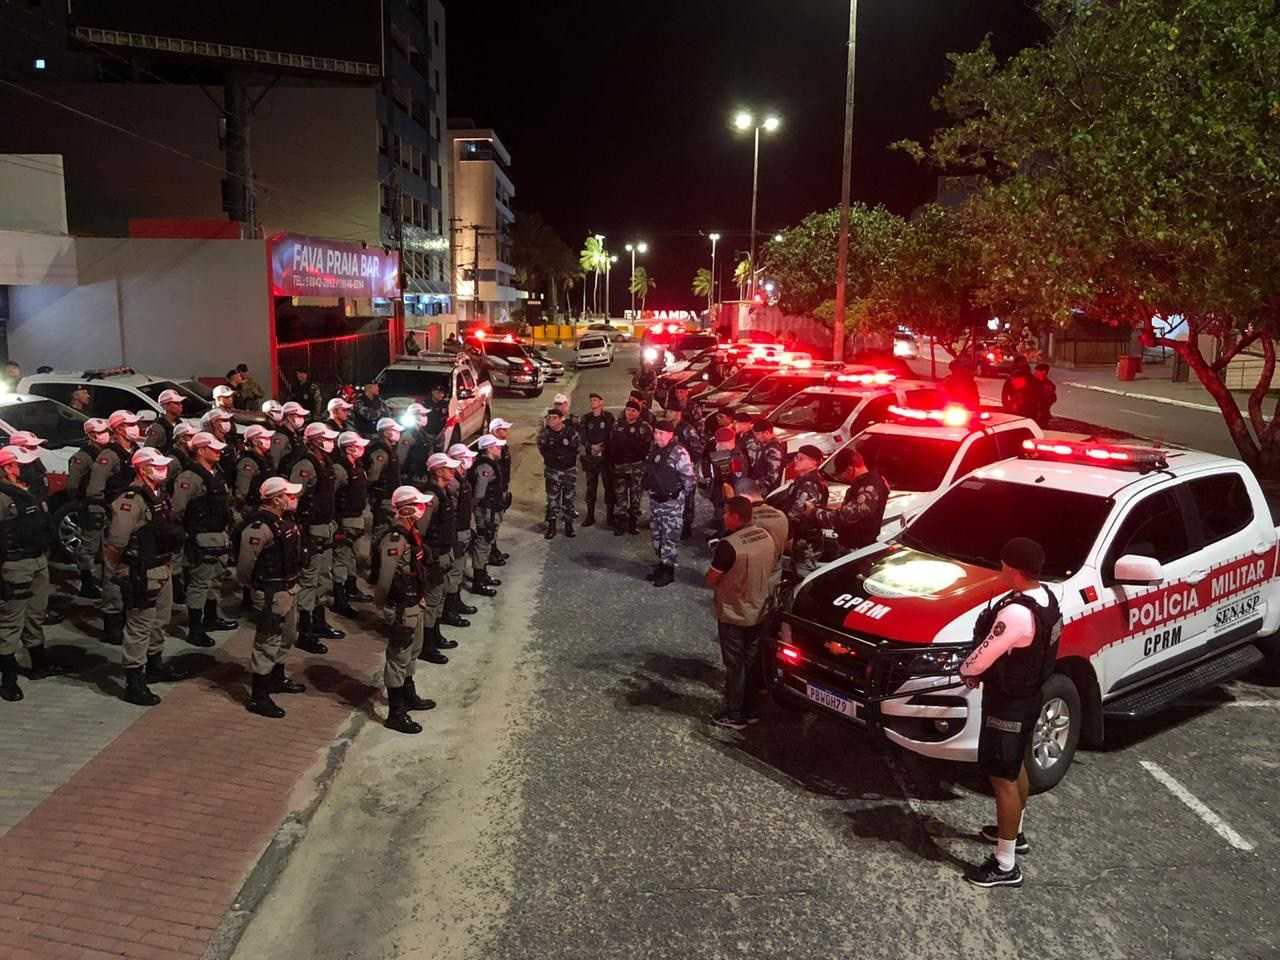 75d45280 7cd1 444e a7b8 839a70ded9ab - OPERAÇÃO PREVINA-SE: atendendo uma determinação do governador, comboio da Polícia Militar inicia operação pelos bairros de João Pessoa - VEJA VÍDEO